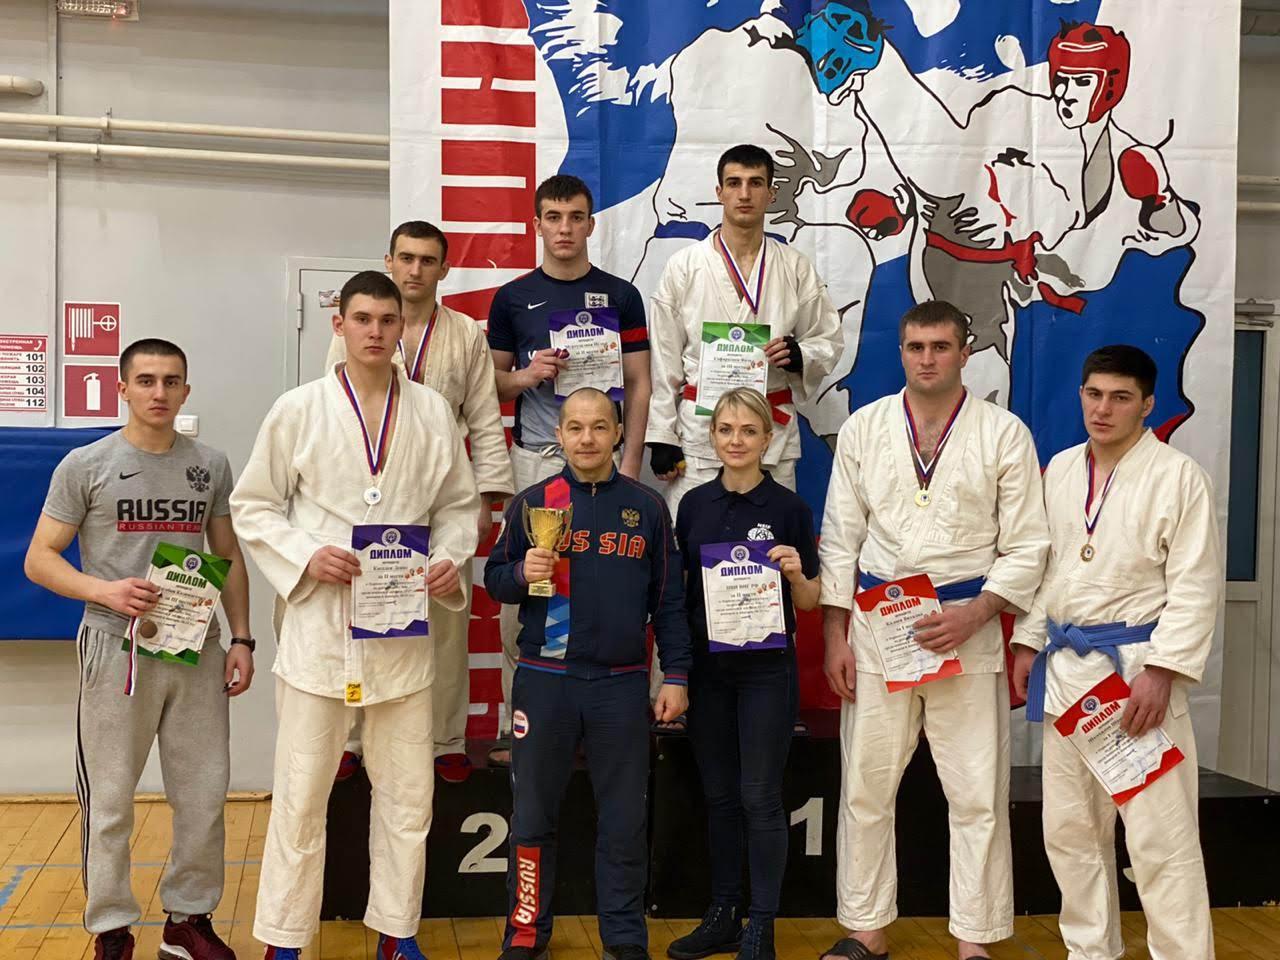 Курсанты Пермского военного института Росгвардии заняли призовые места в соревнованиях по рукопашному бою